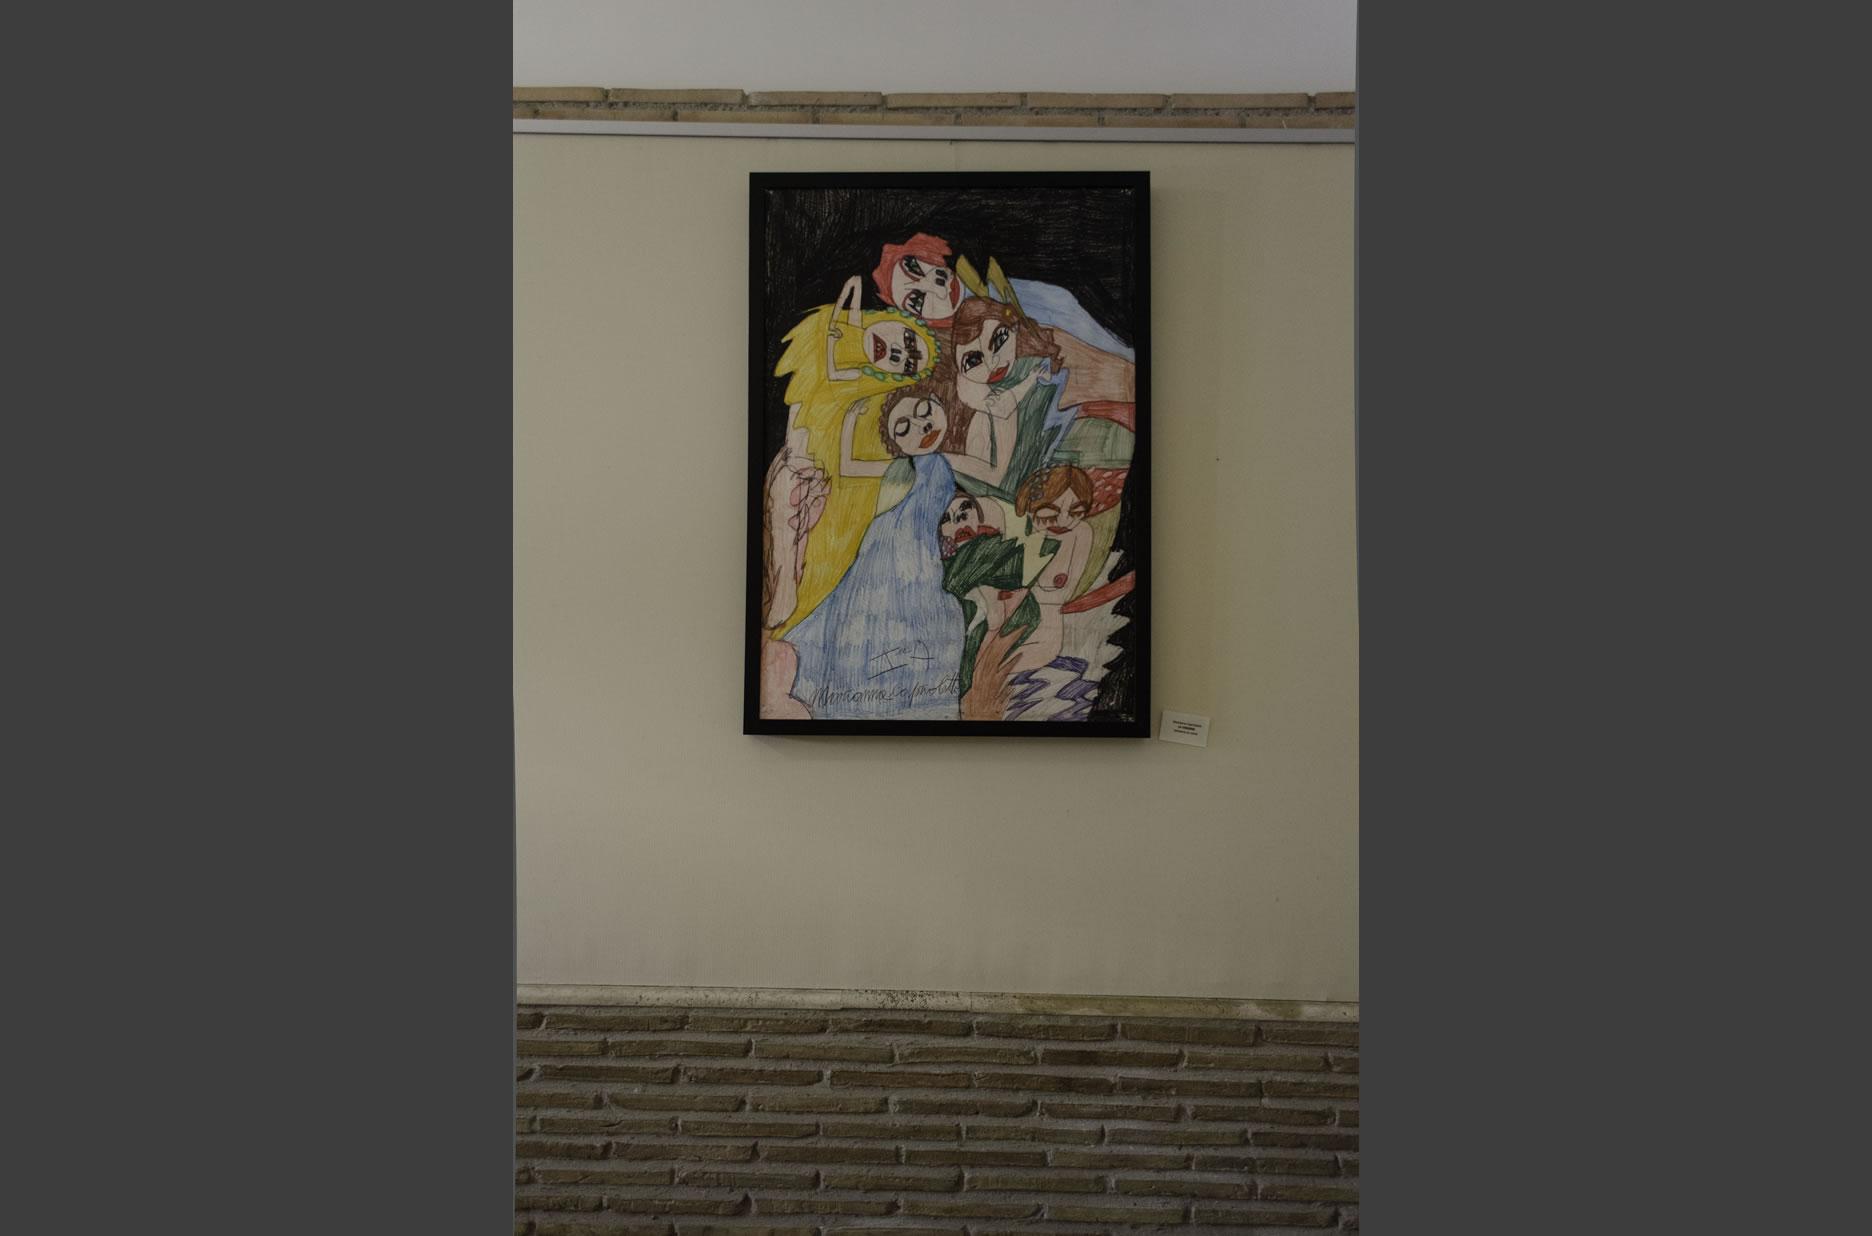 Mariana Caprioletti, artista con disabilità uditiva, ha reinterpretato un'opera di Klimt